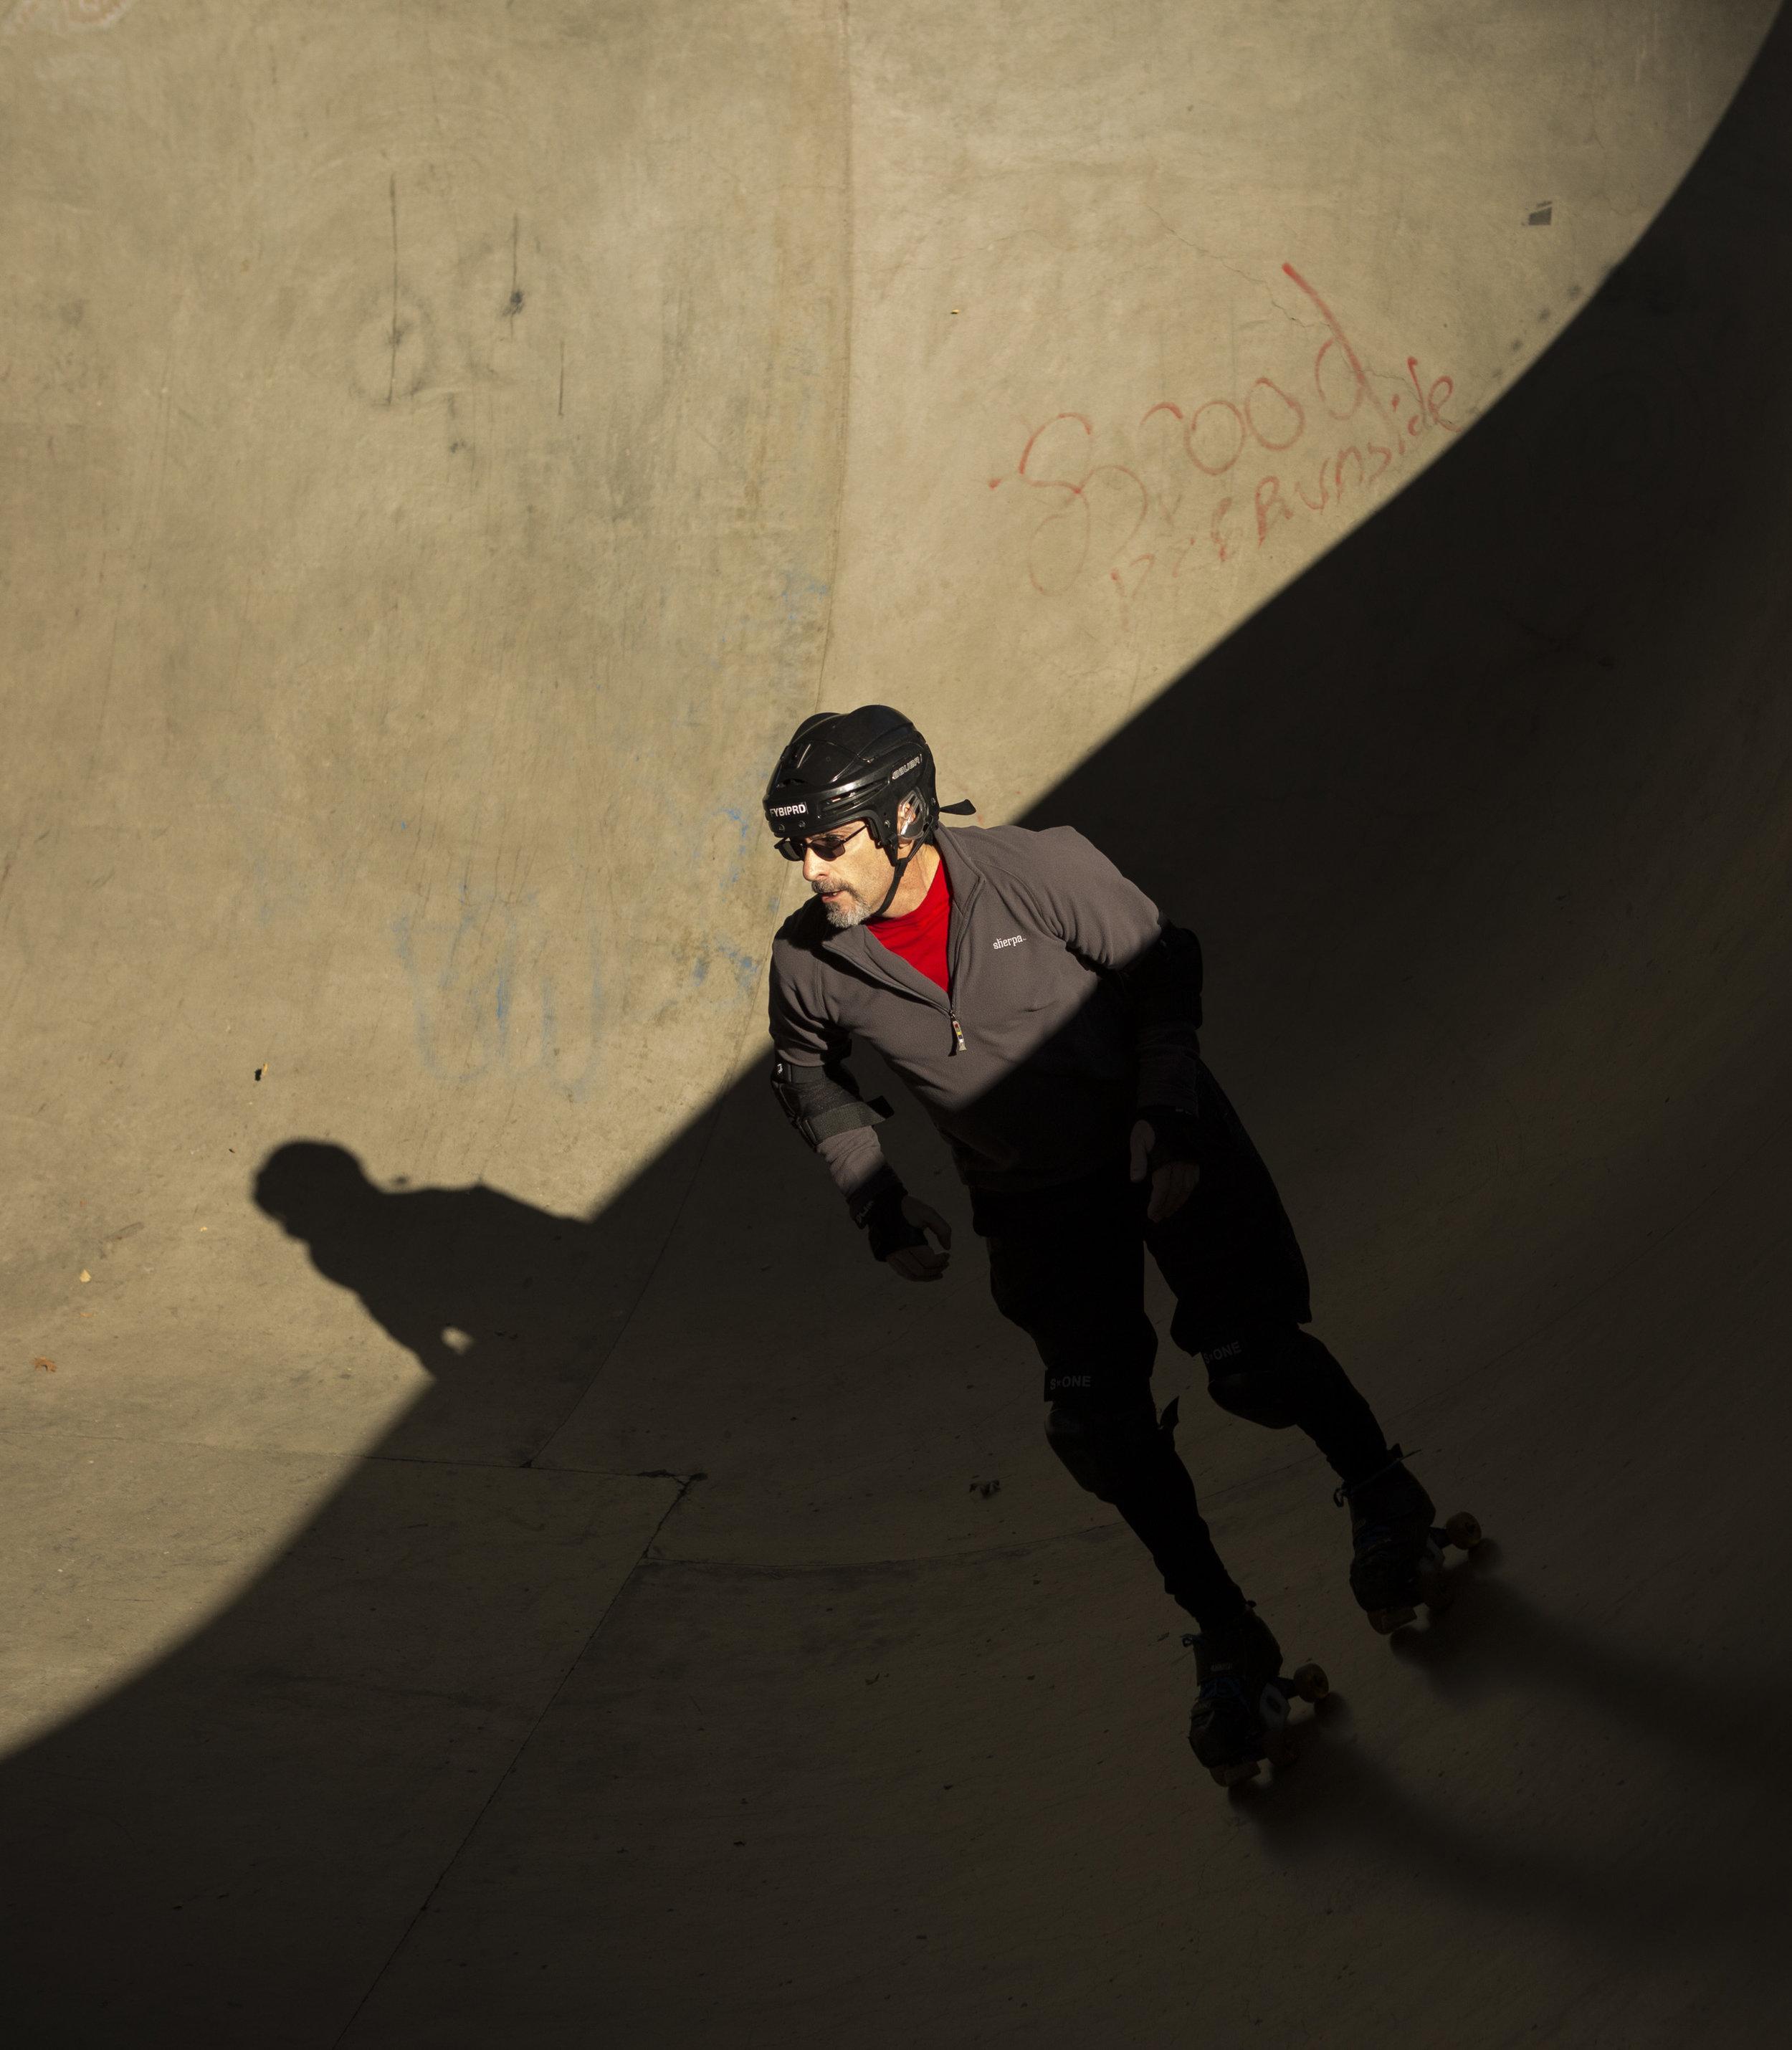 Miranda_RollerSkater.jpg